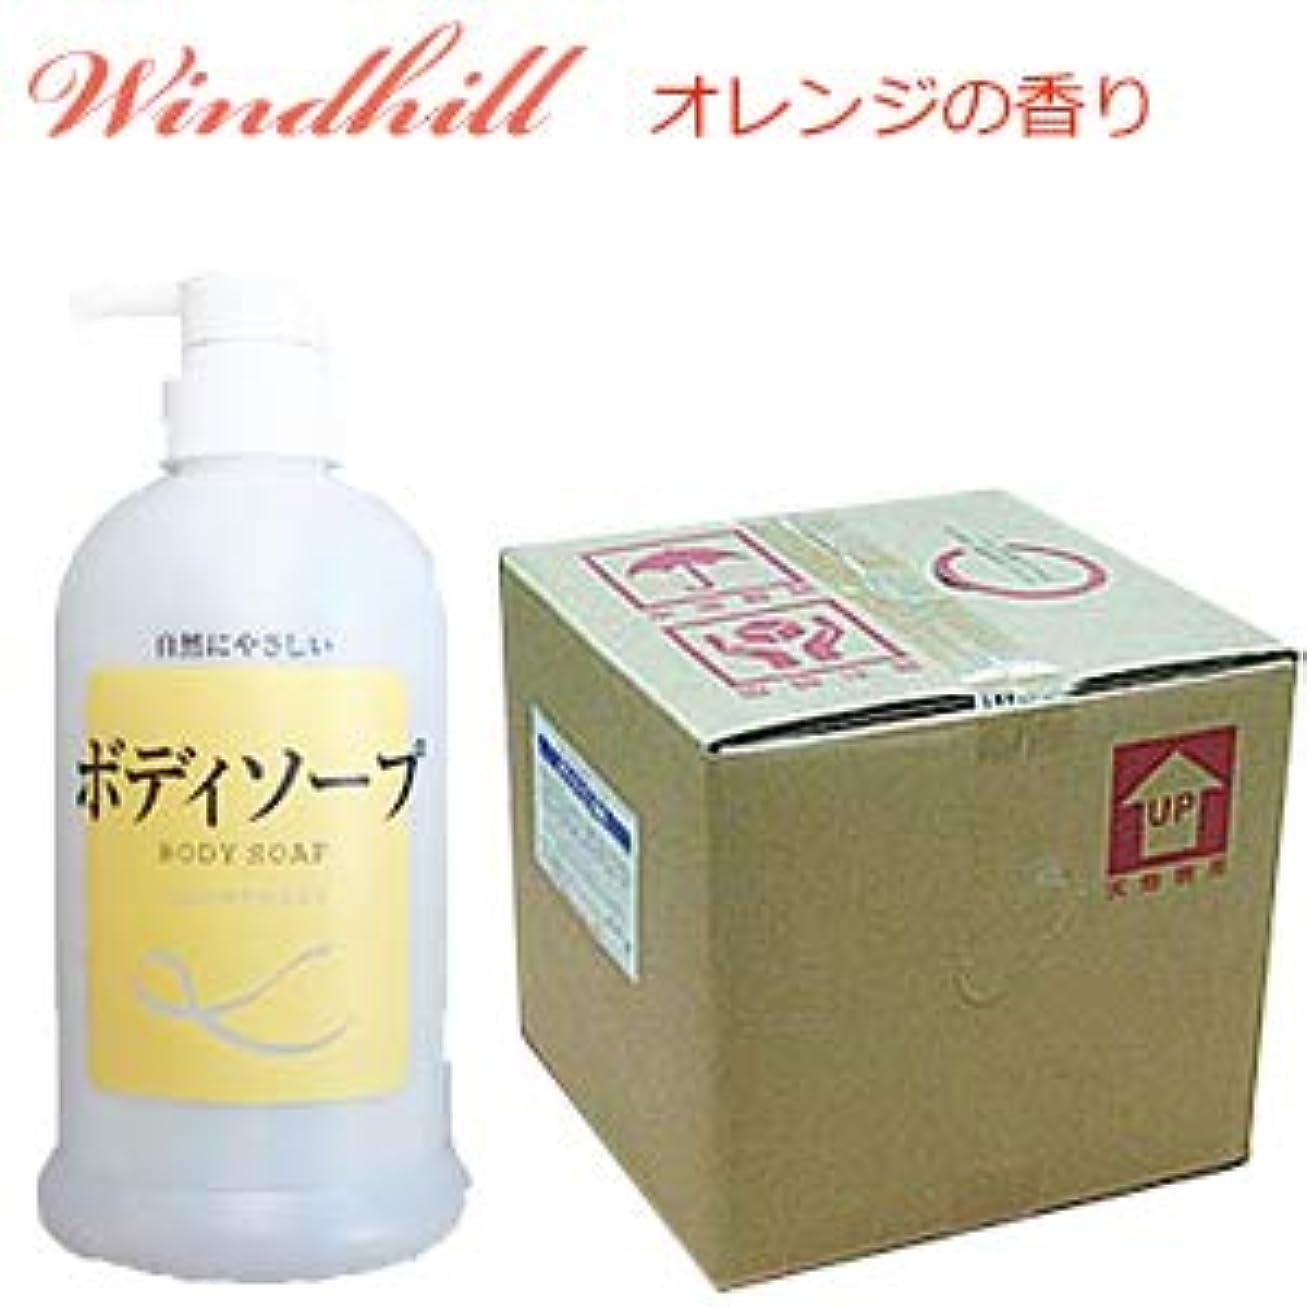 麻痺修正する雄弁Windhill 植物性 業務用ボディソープオレンジの香り 20L(1セット20L入)